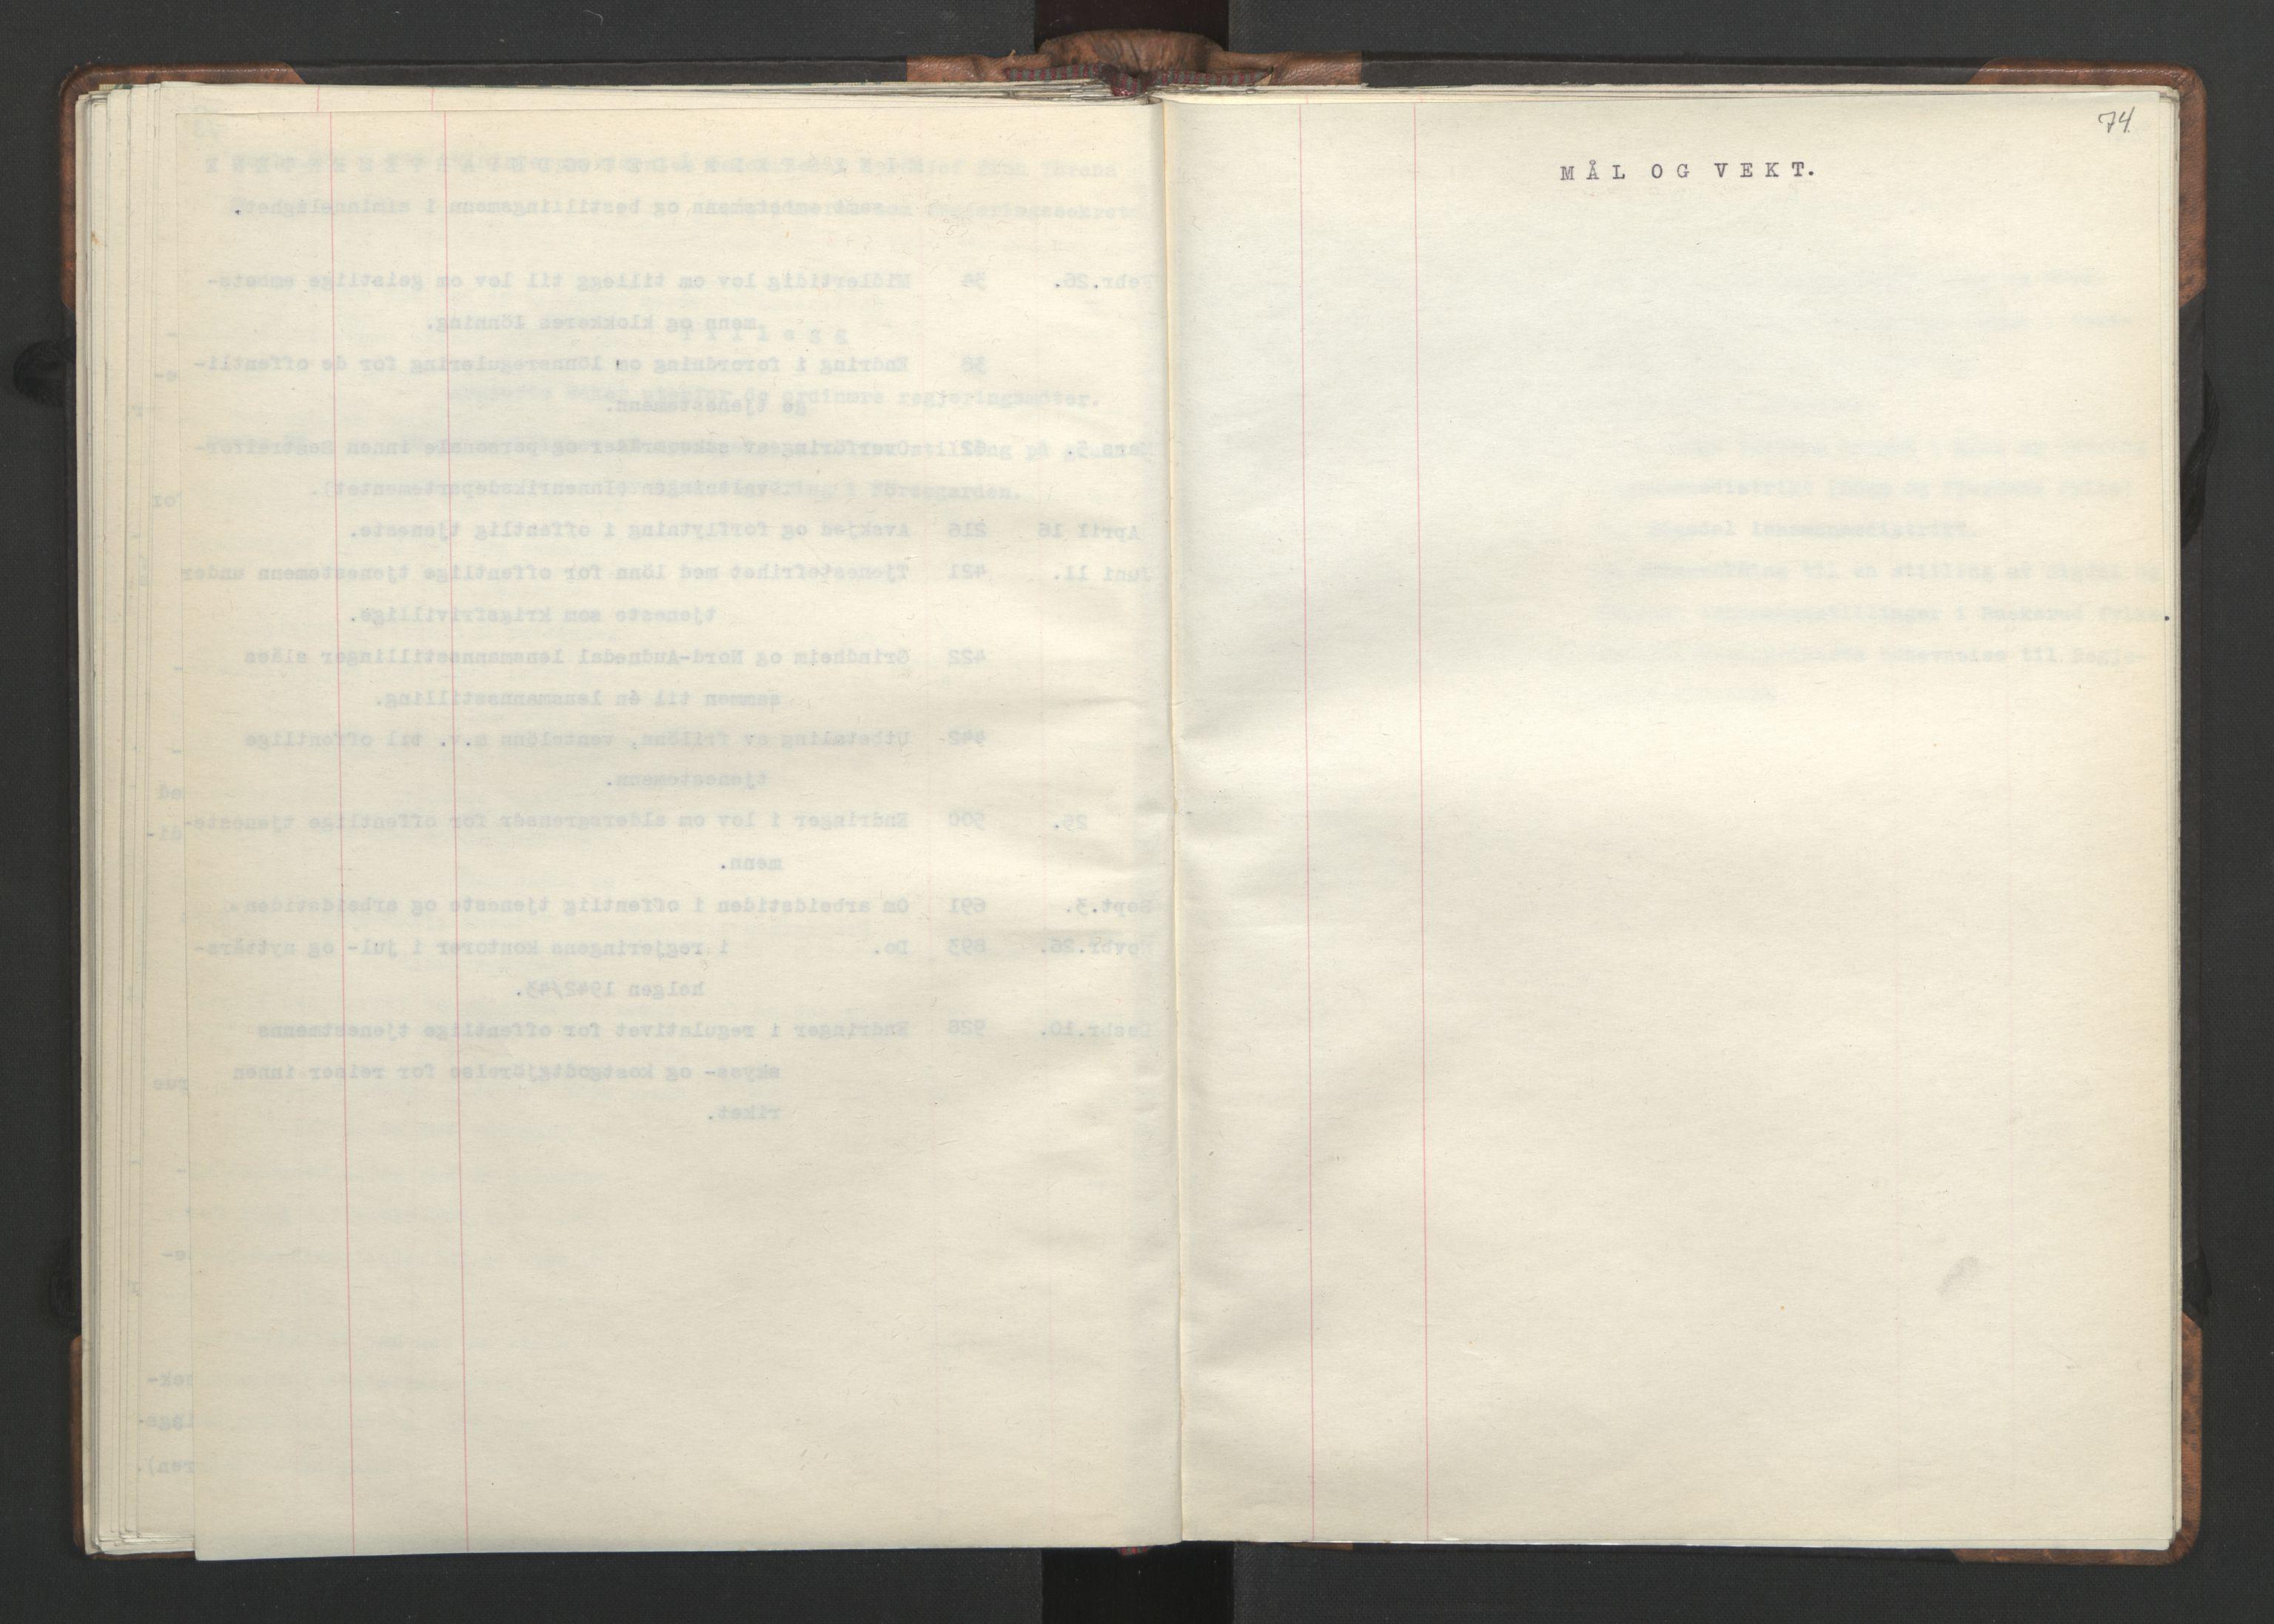 RA, NS-administrasjonen 1940-1945 (Statsrådsekretariatet, de kommisariske statsråder mm), D/Da/L0002: Register (RA j.nr. 985/1943, tilgangsnr. 17/1943), 1942, s. 73b-74a